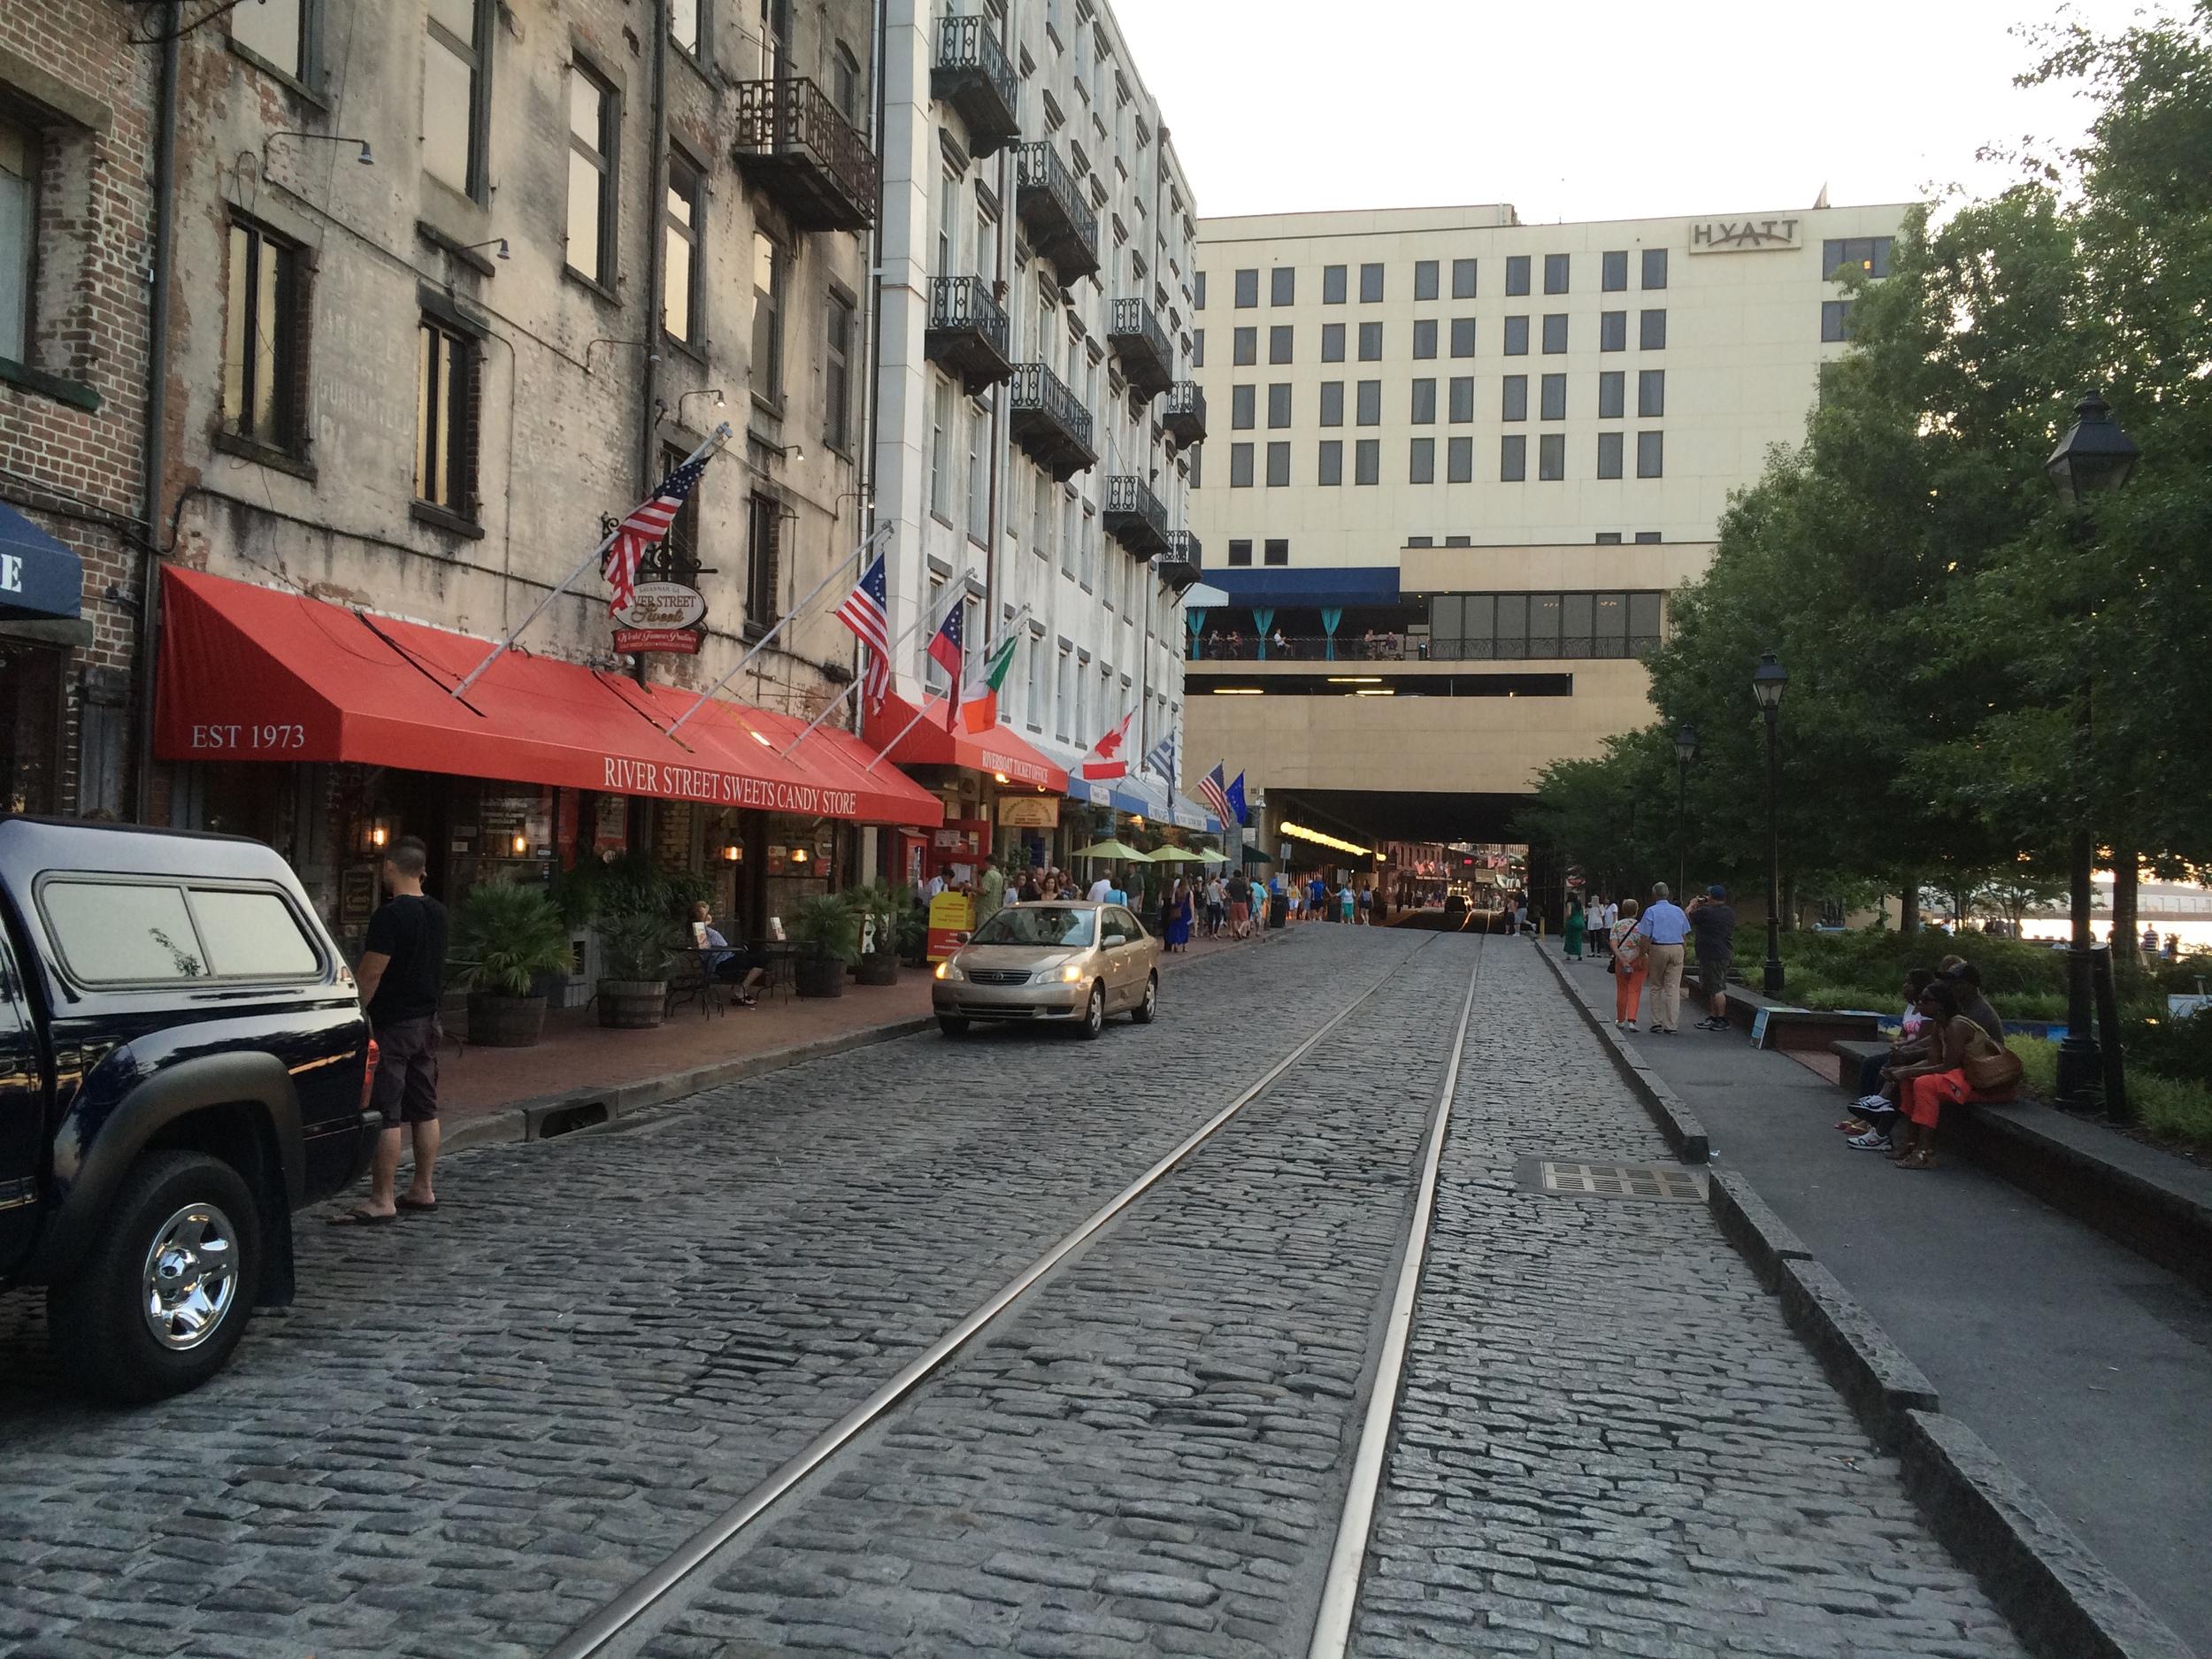 A River Street lembra um pouco o French Quarter de New Orleans. Fica cheia de gente passeando, curtindo a vista, as apresentações de rua, os bares, restaurantes e lojas.